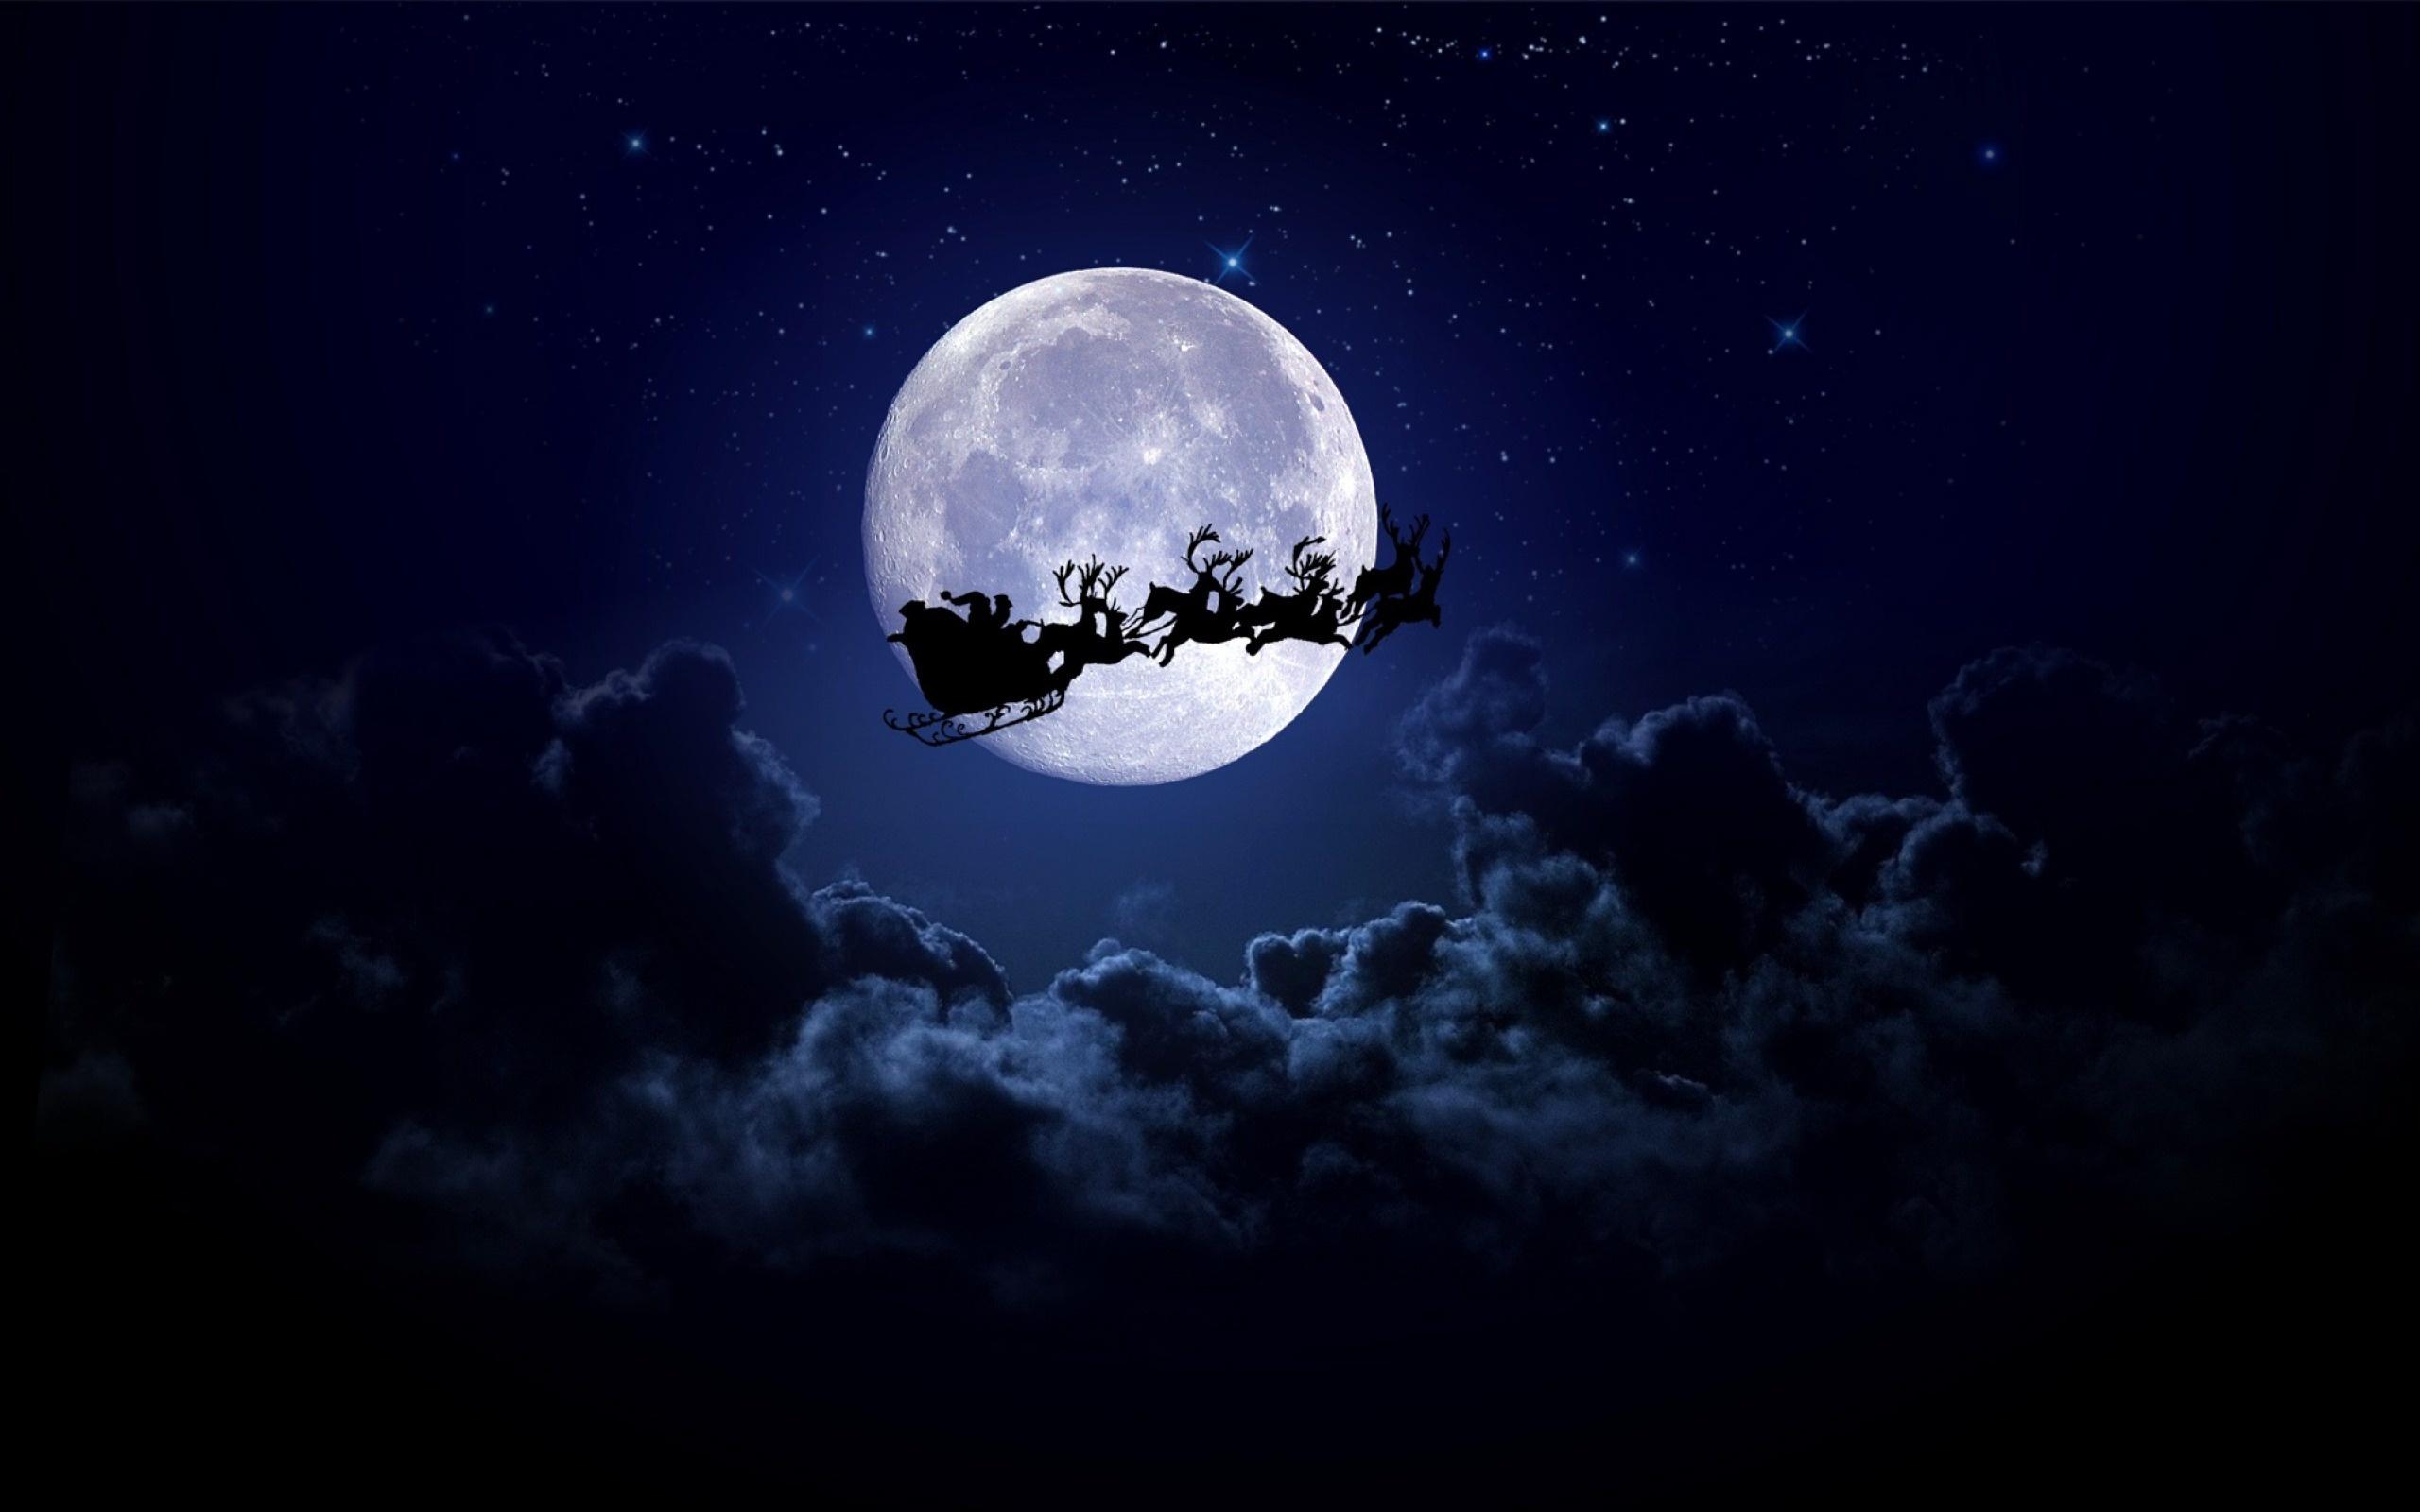 Картинка с луной на обои, летием